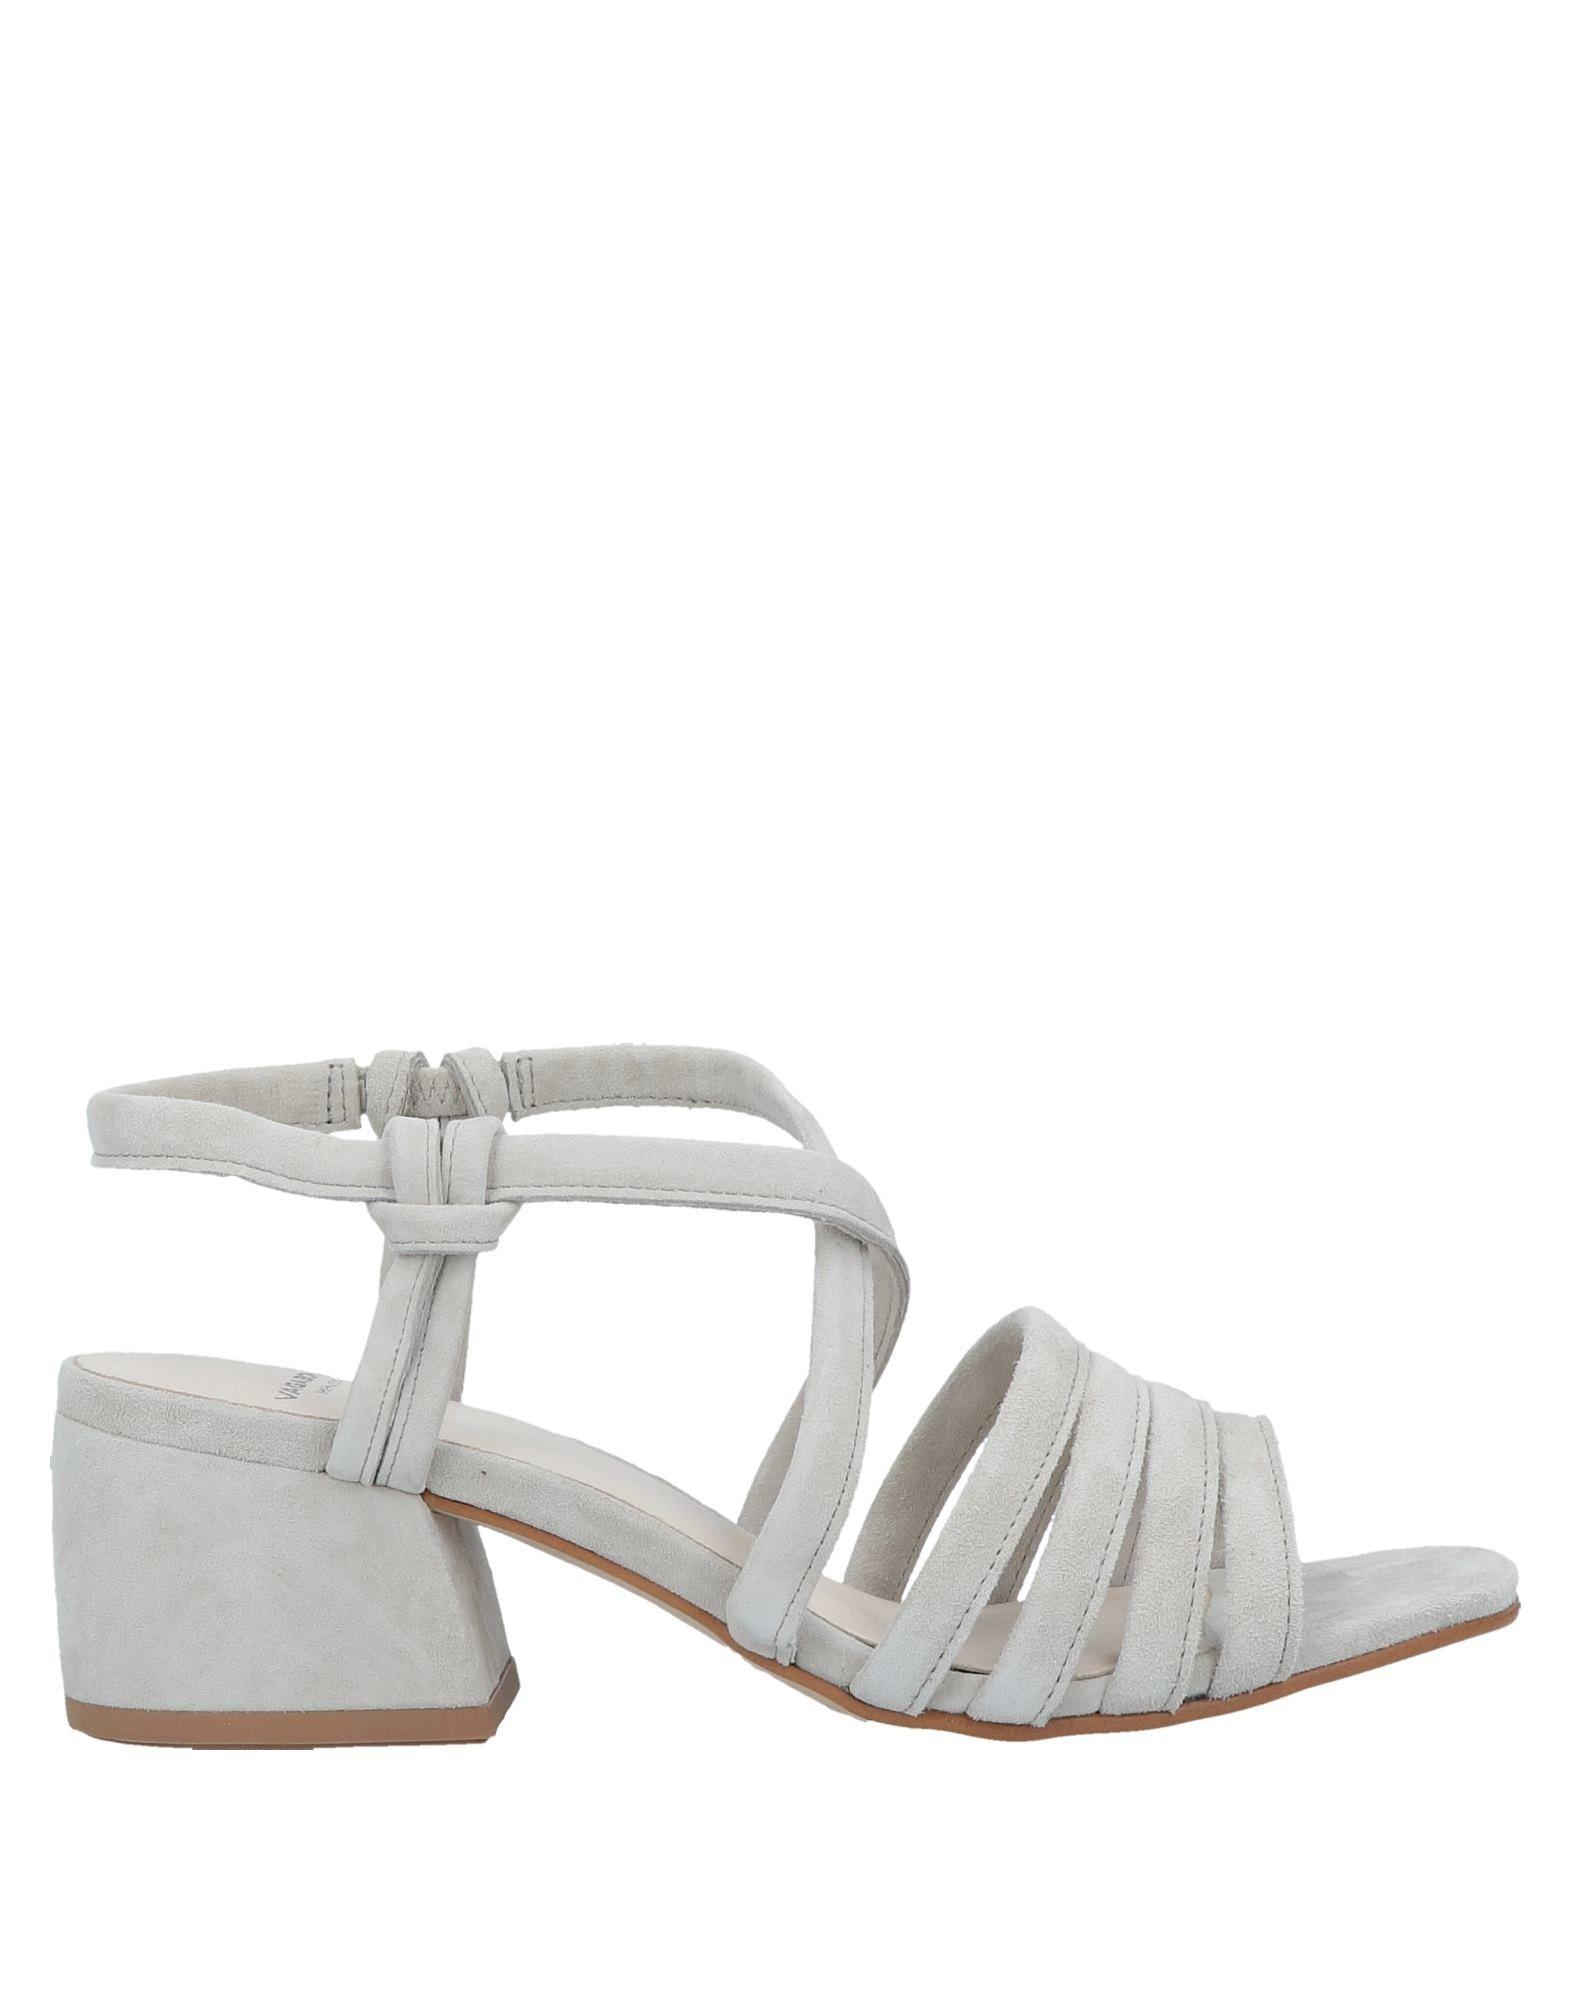 18ac2e974e Lyst - Vagabond Sandals in Gray